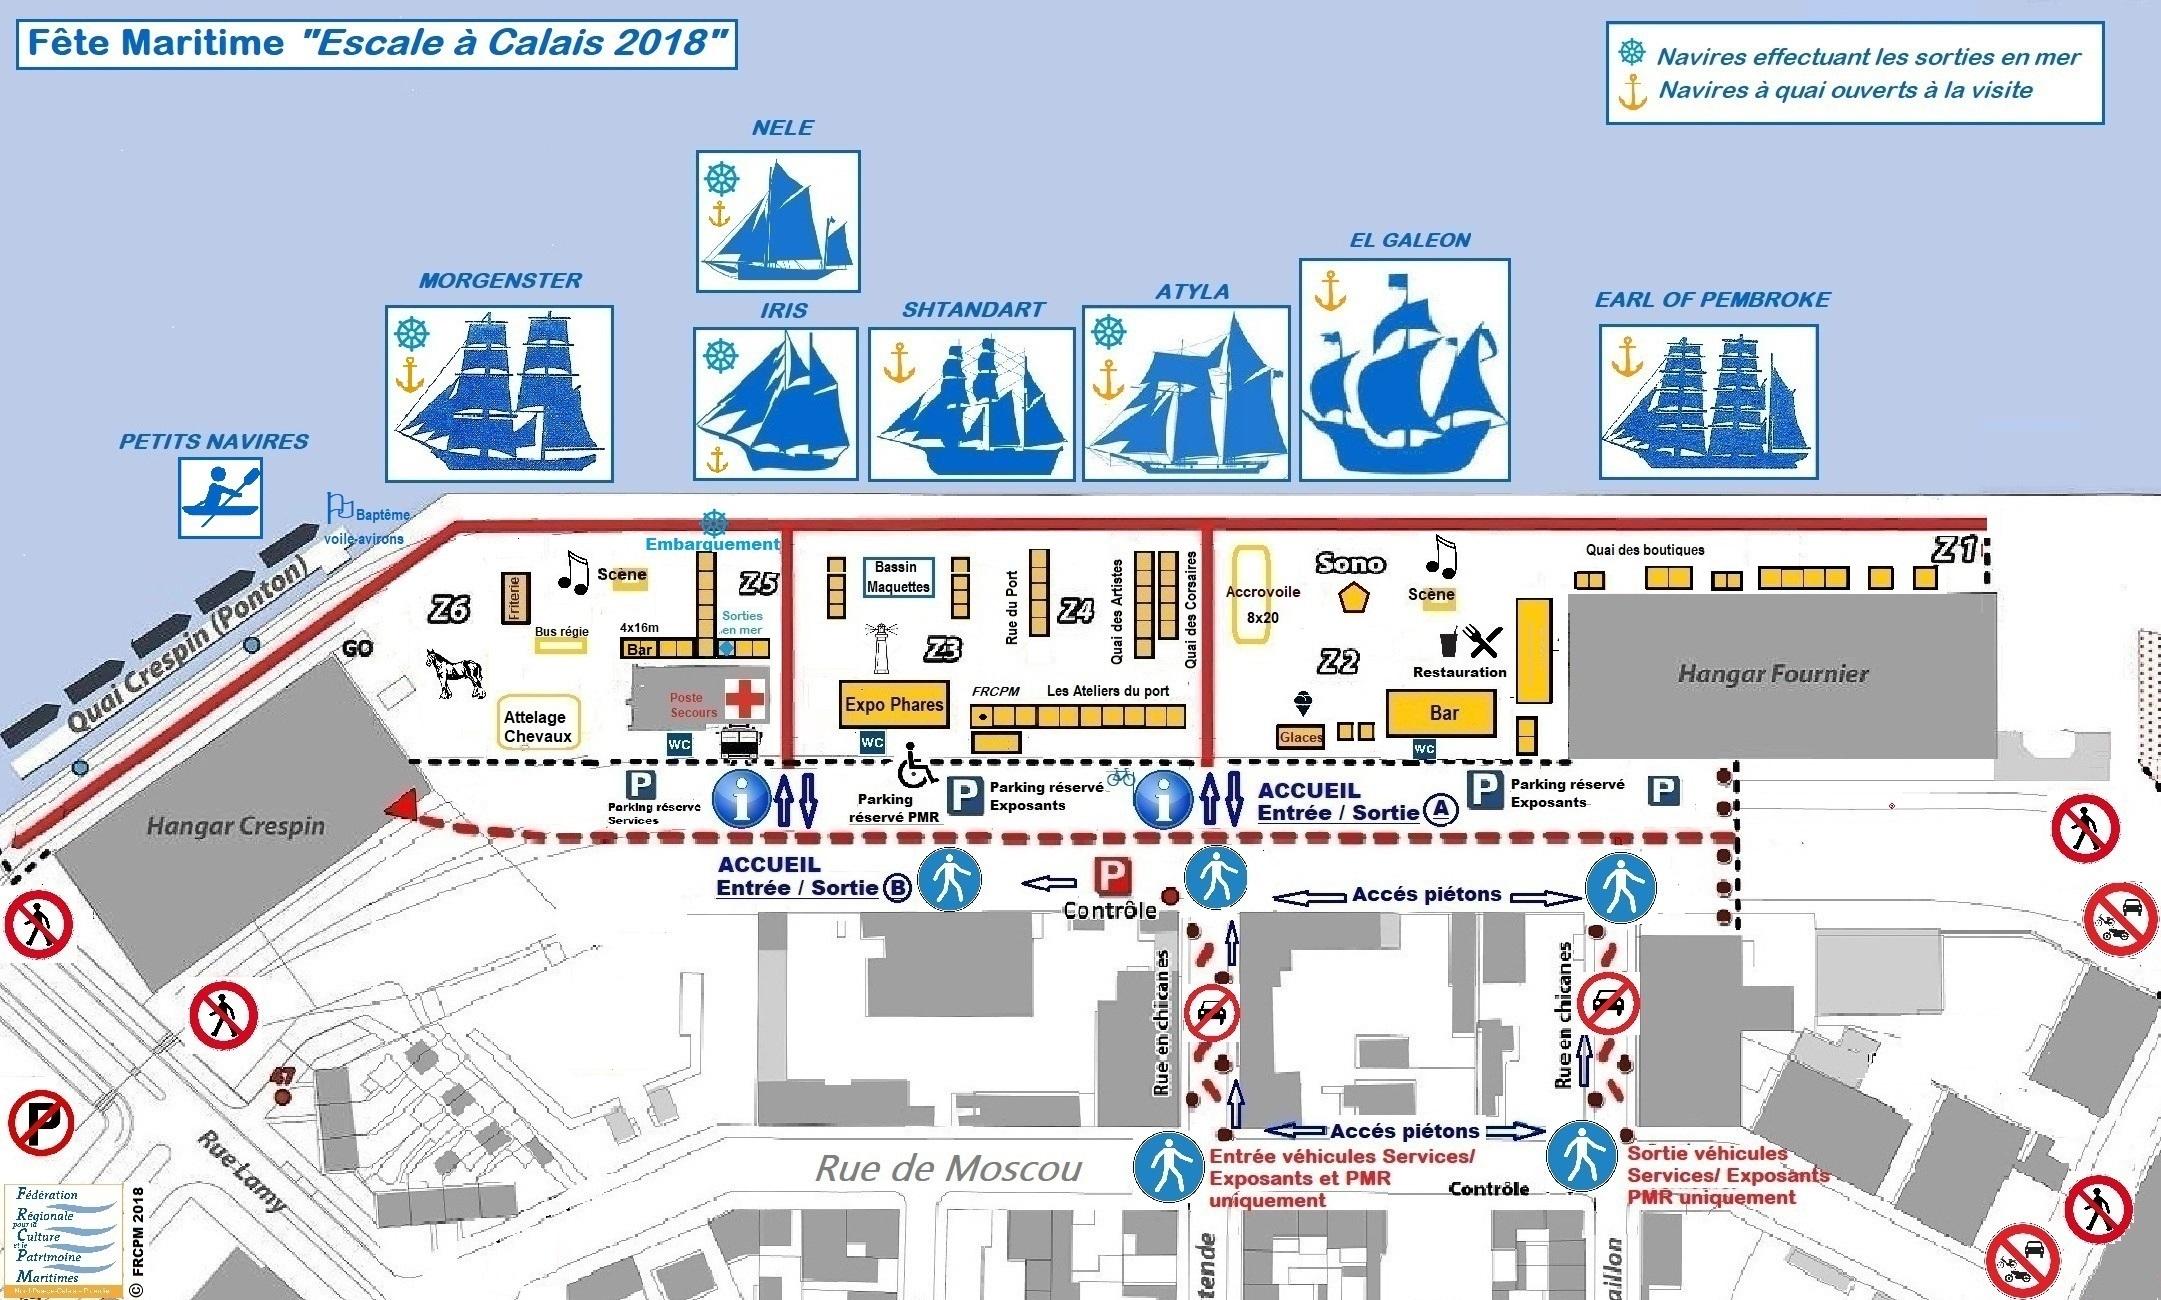 site de rencontre maritime calais